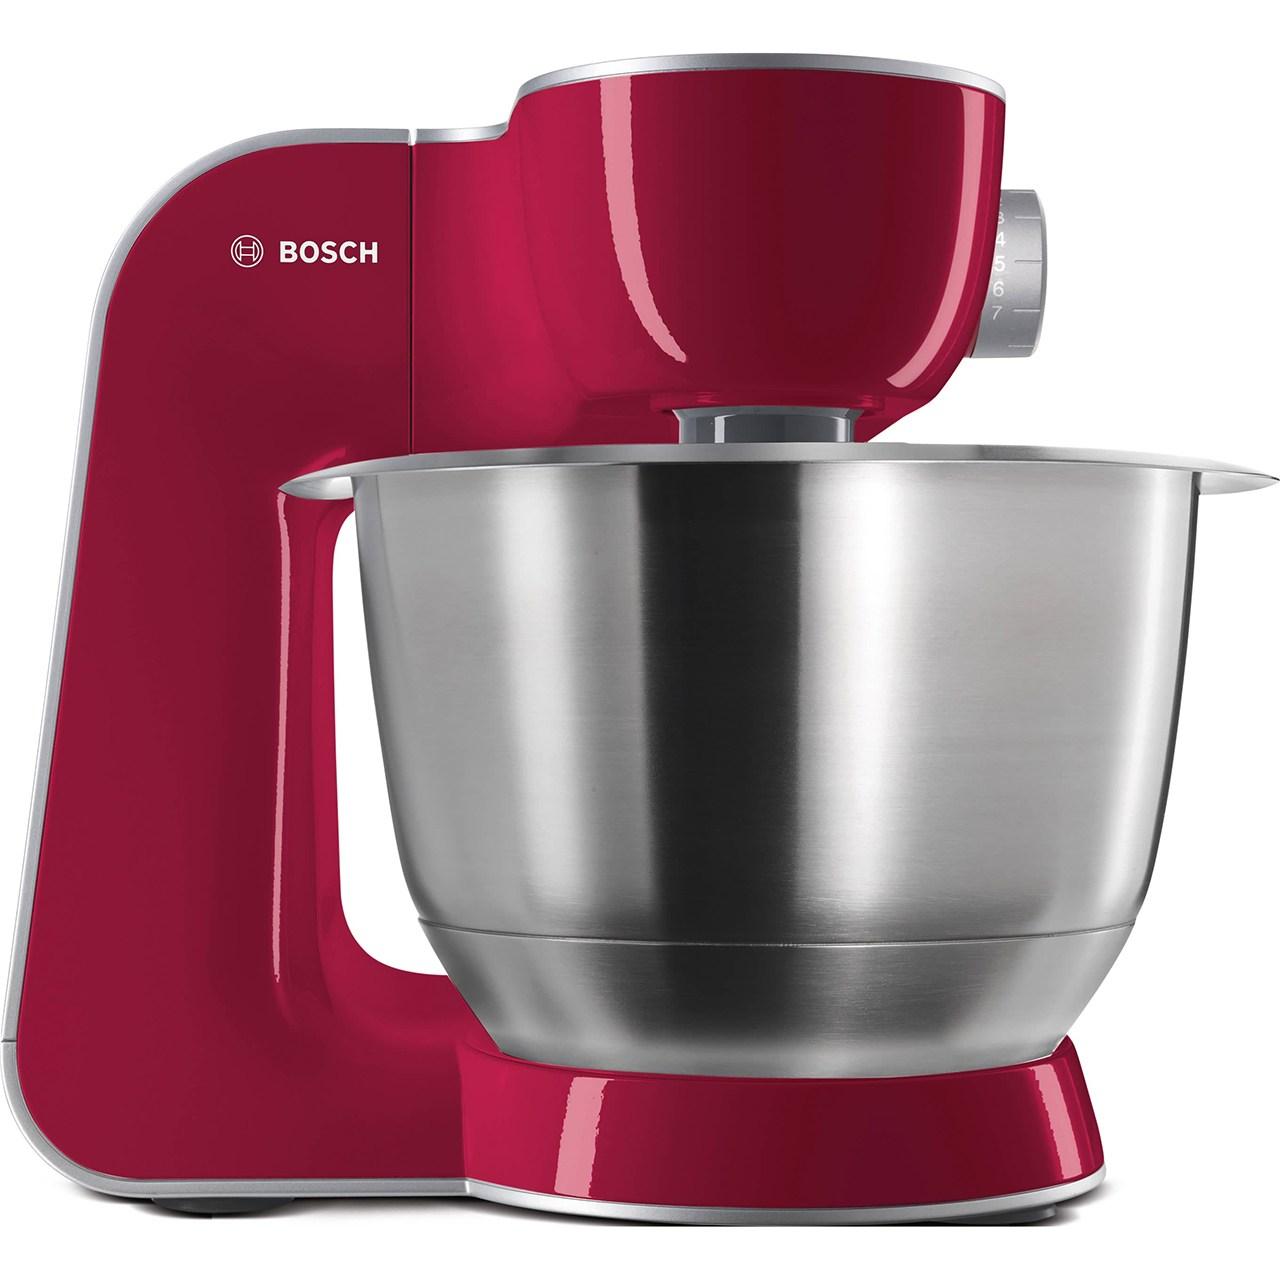 ماشین آشپزخانه بوش مدل MUM54420